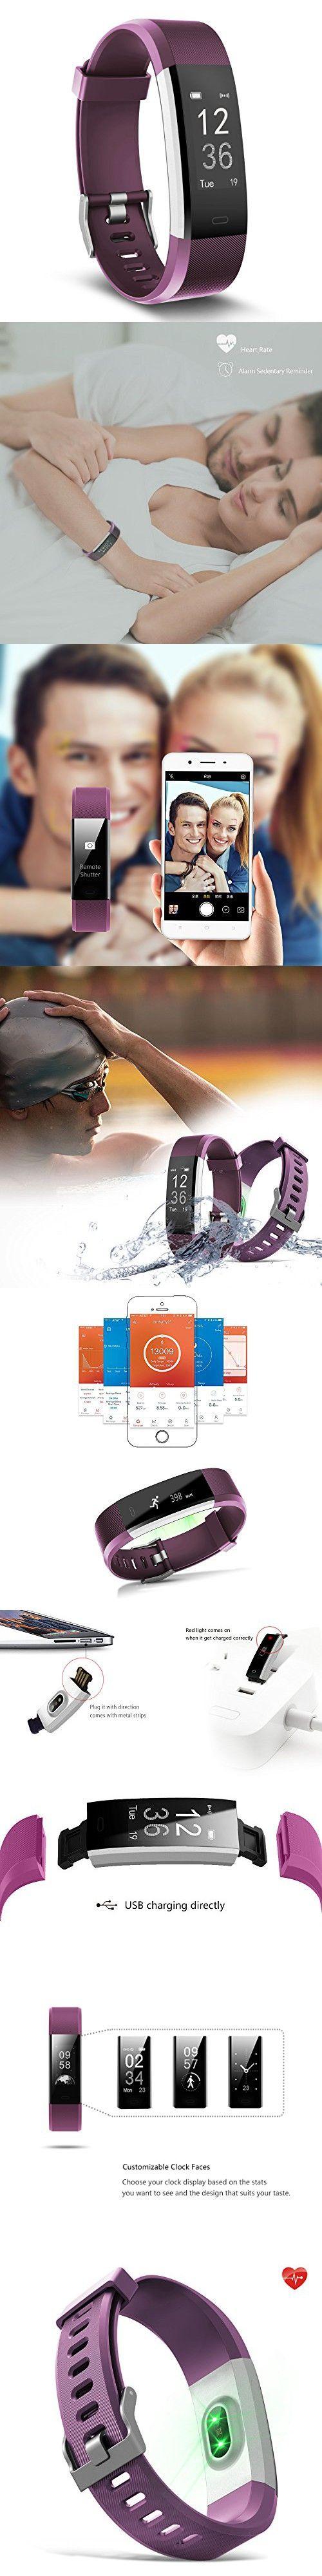 Fitness Tracker, MoreFit Slim HR Plus Heart Rate Smart Bracelet Pedometer Wearable Waterproof Activity Tracker Watch, Silver/ Purple